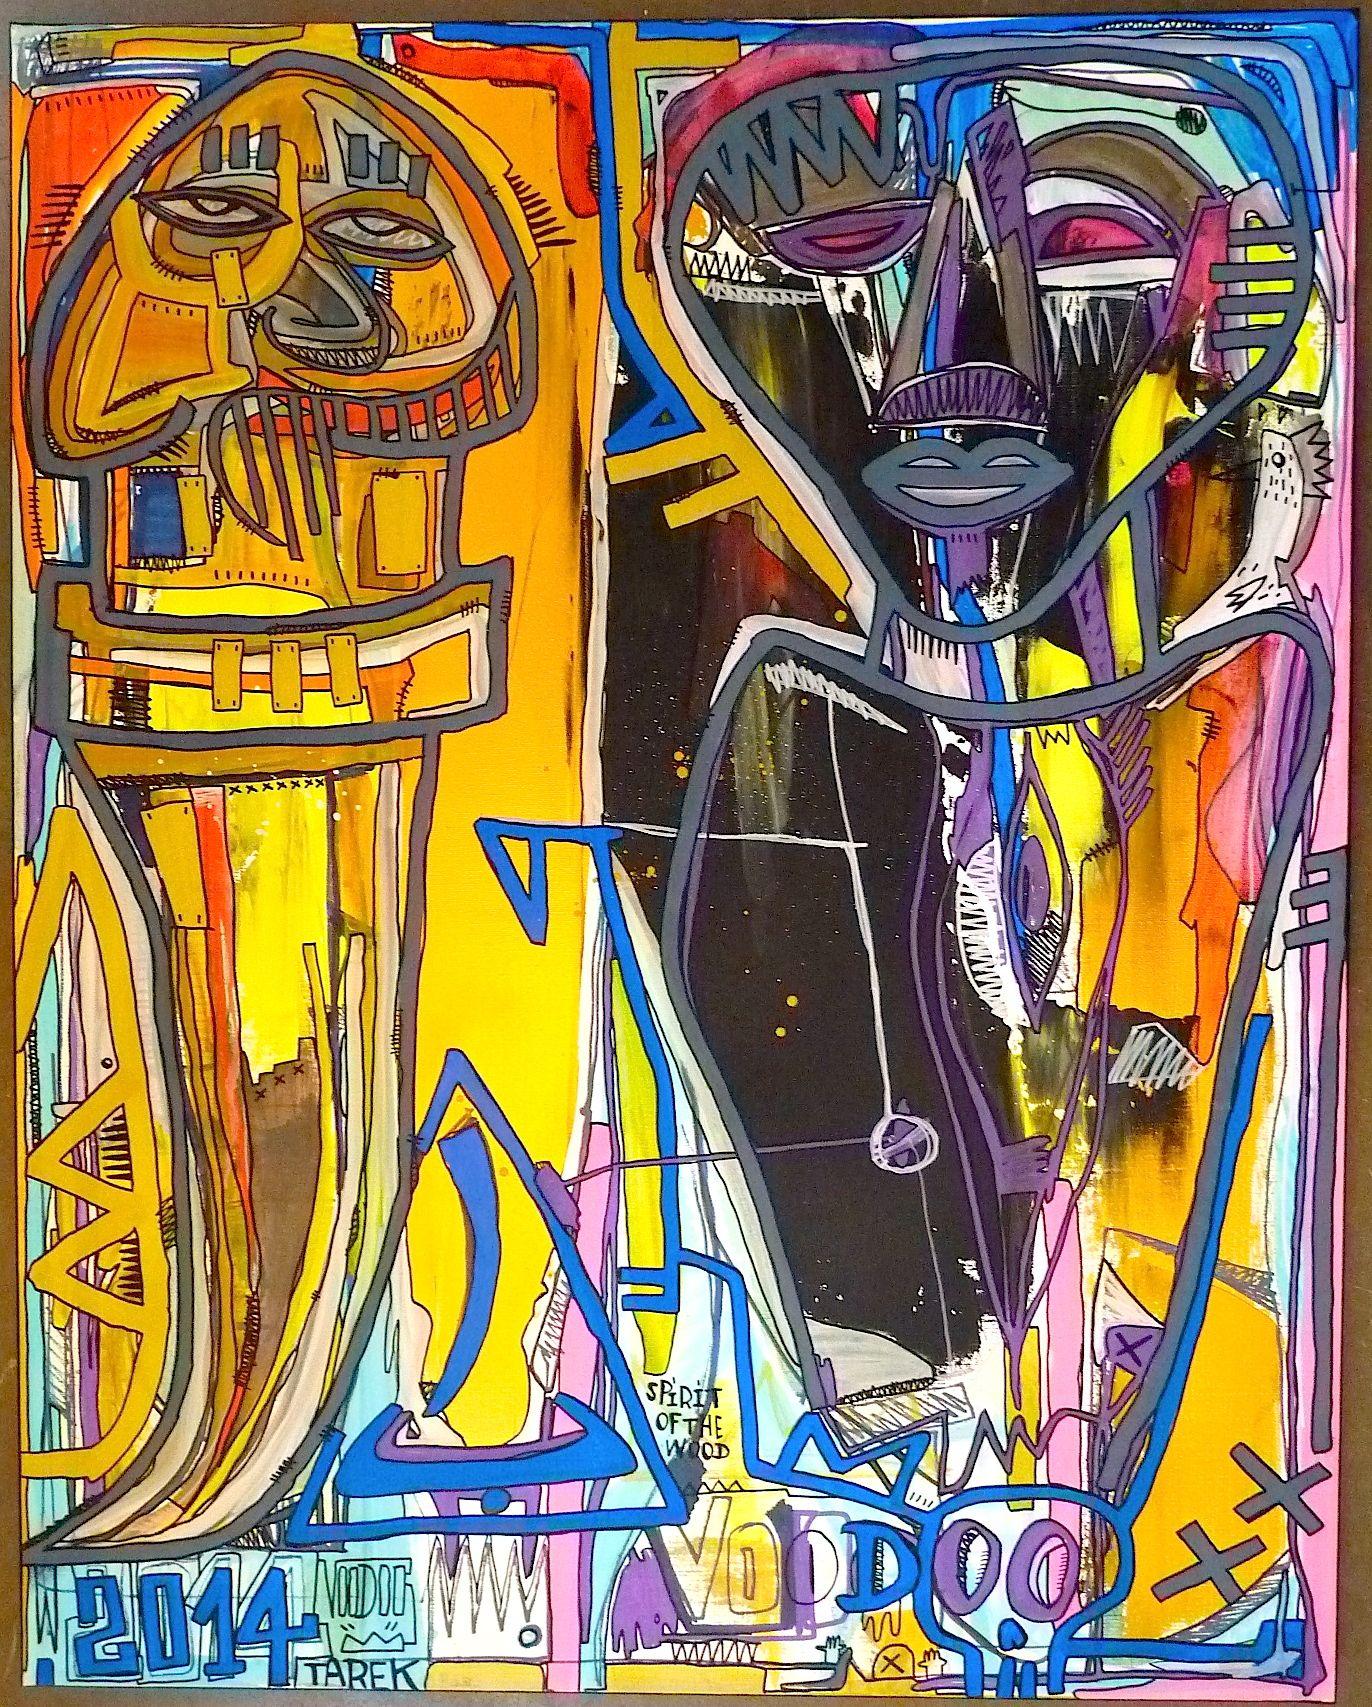 Nouvelles peintures disponibles à Galerie Philippe Gelot à Paris New paintings available at Gallery Philippe Gelot, Paris (FR) Galerie Philippe Gelot 29, rue Saint Paul 75004 Paris Tel : 01.40.27.0...